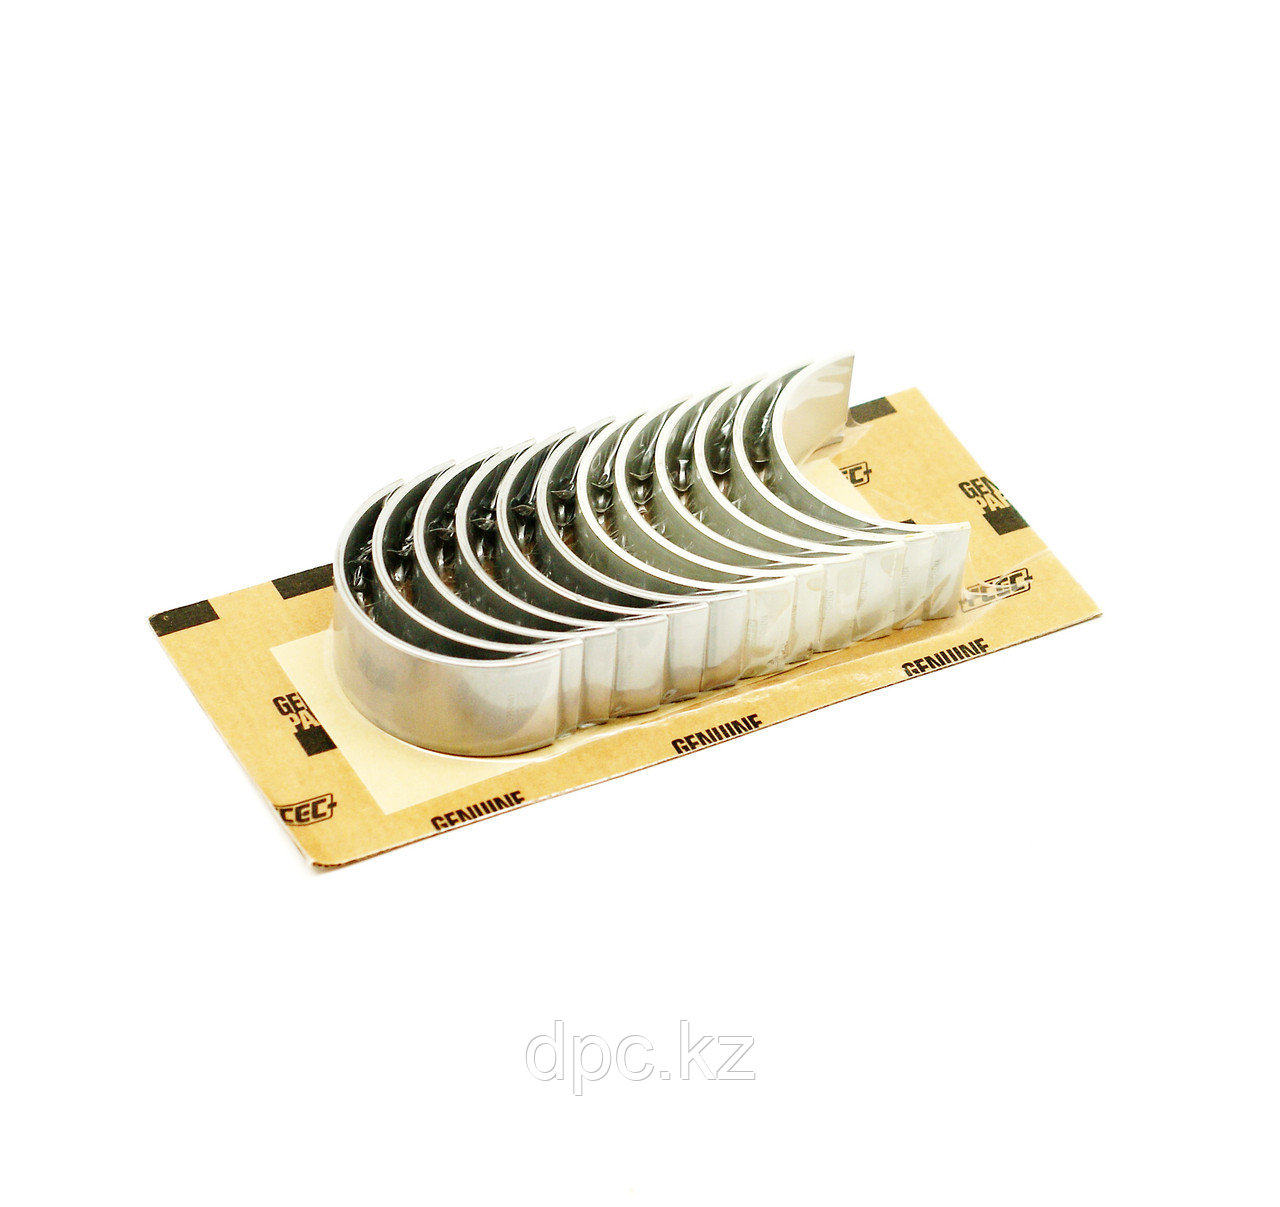 Комплект шатунных вкладышей FCEC для двигателя Cummins L, ISLe, 6CT, QSL, QSC 3966244 и 3950661